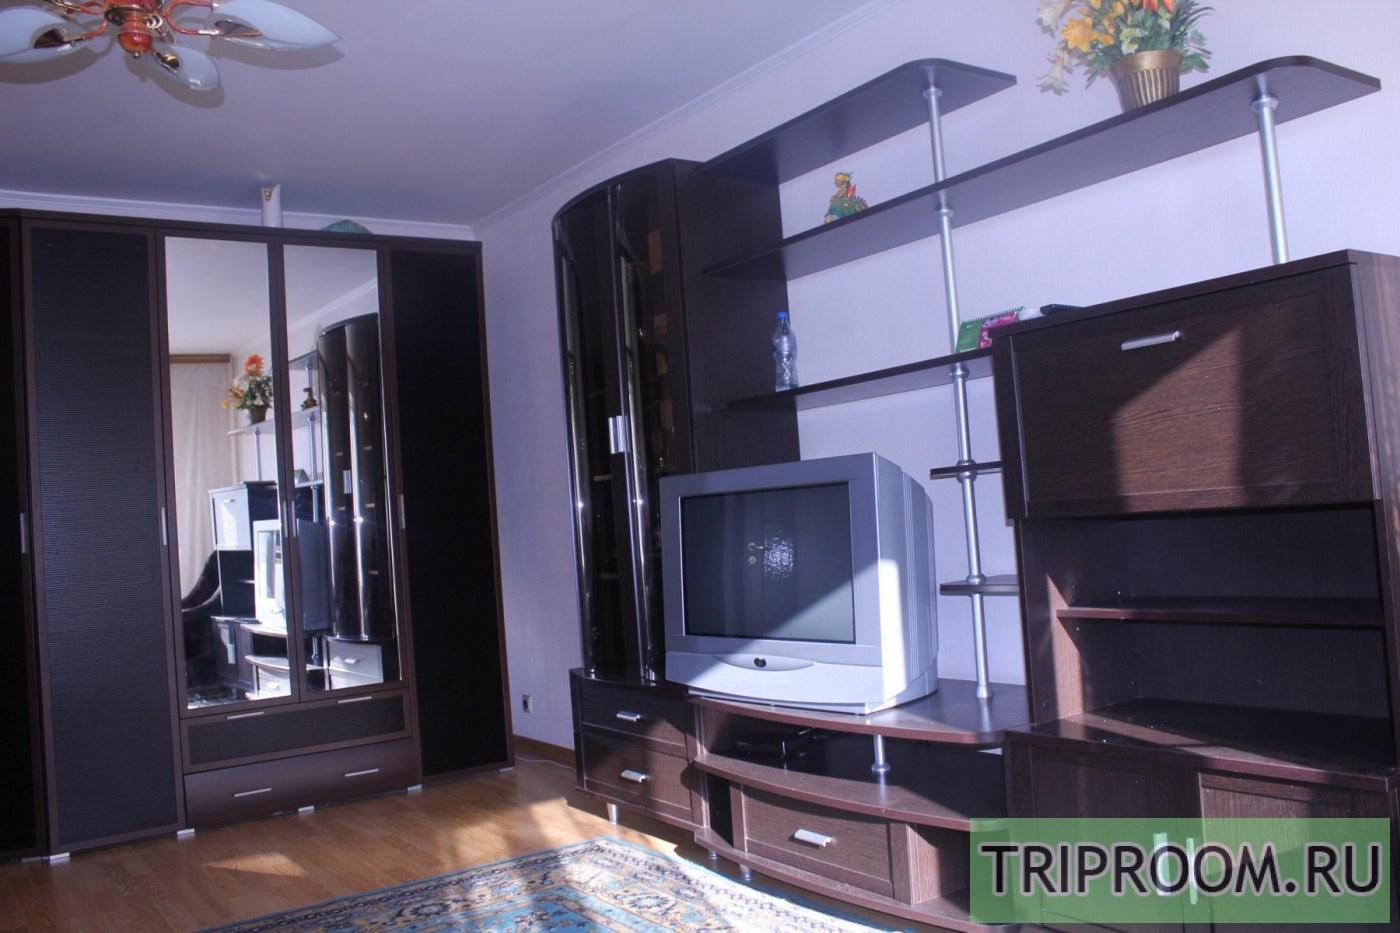 1-комнатная квартира посуточно (вариант № 40541), ул. Ореховый бульвар, фото № 3